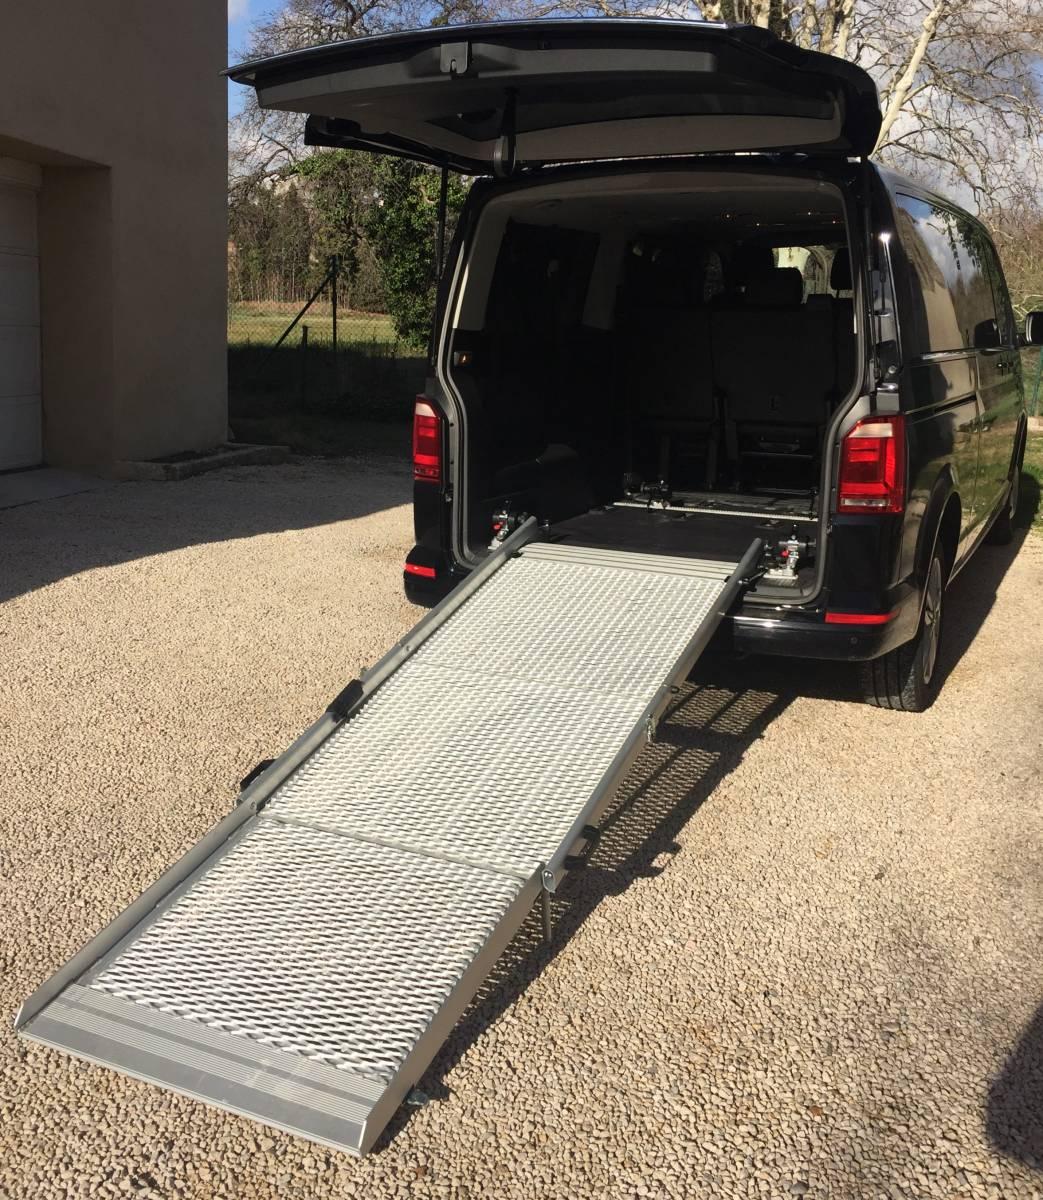 location de voiture avec chauffeur marseille acm chauffeur services. Black Bedroom Furniture Sets. Home Design Ideas